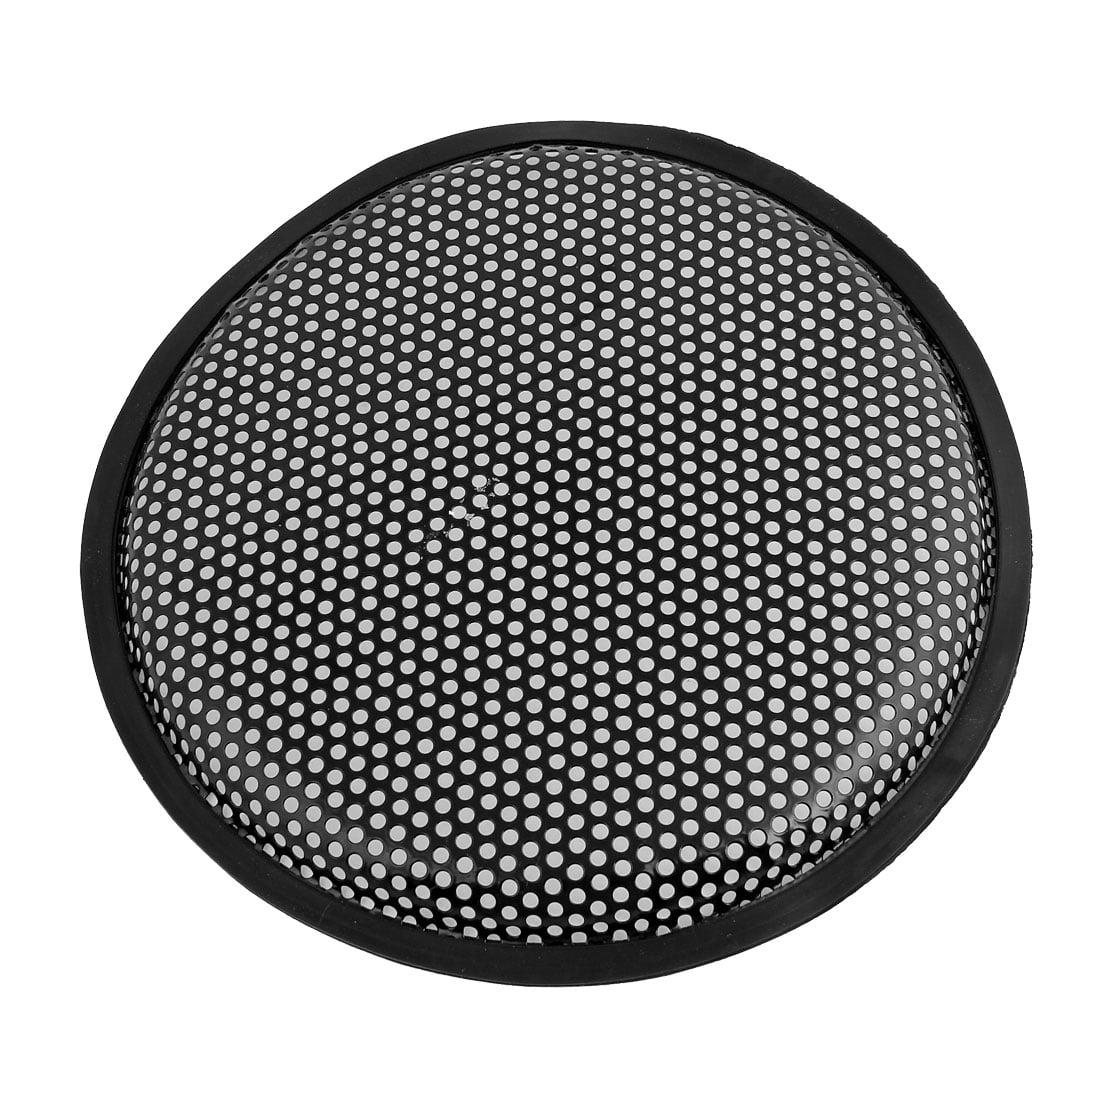 """Unique Bargains Auto Car Black 10"""" Round Metal Mesh Speaker Sub Box Subwoofer Grill Cover"""